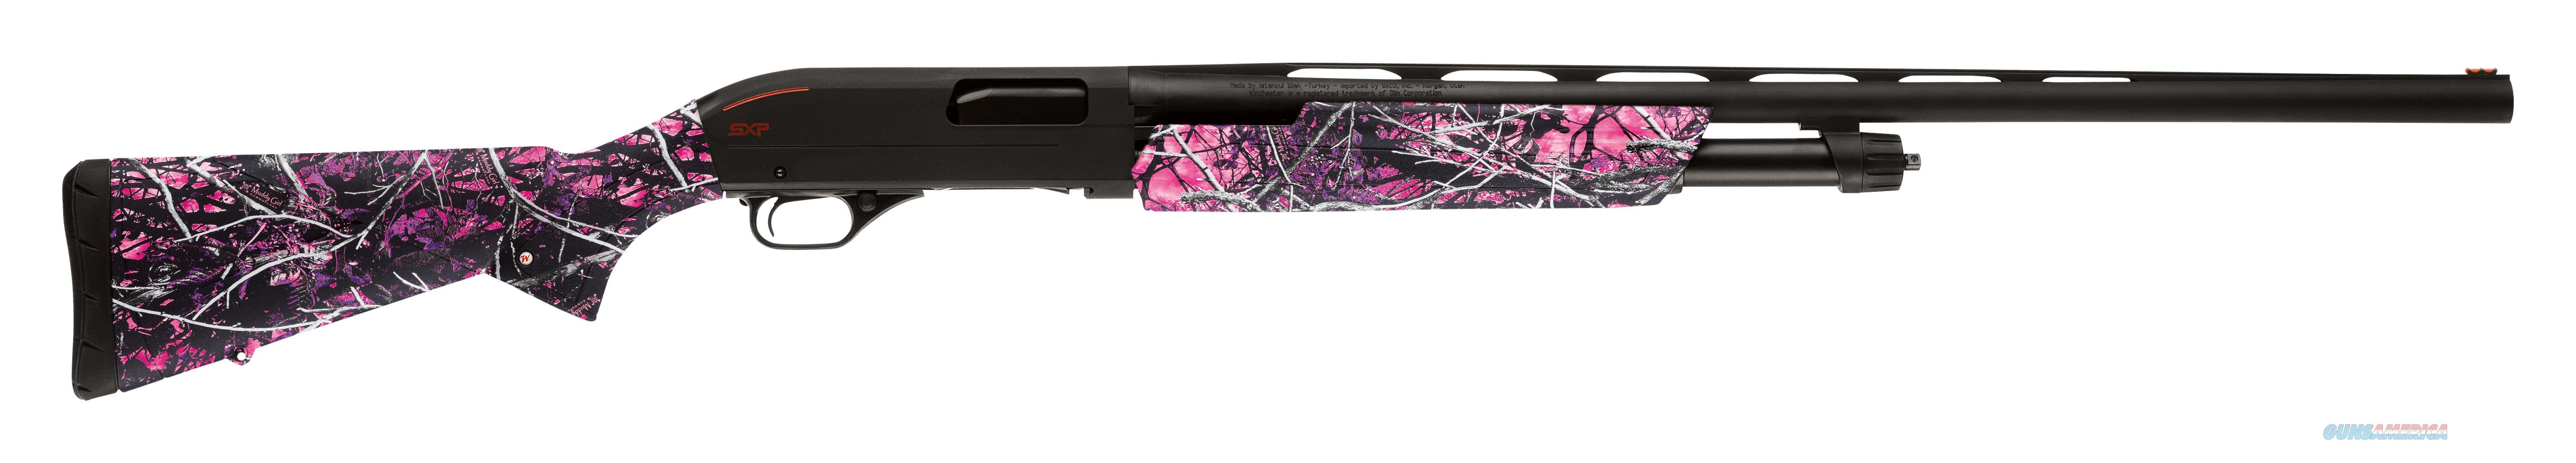 """Winchester Guns 512325690 Sxp Pump 20 Gauge 24"""" 3"""" Muddy Girl Syn Stk Blk Aluminum Alloy Rcvr 512325690  Guns > Shotguns > W Misc Shotguns"""